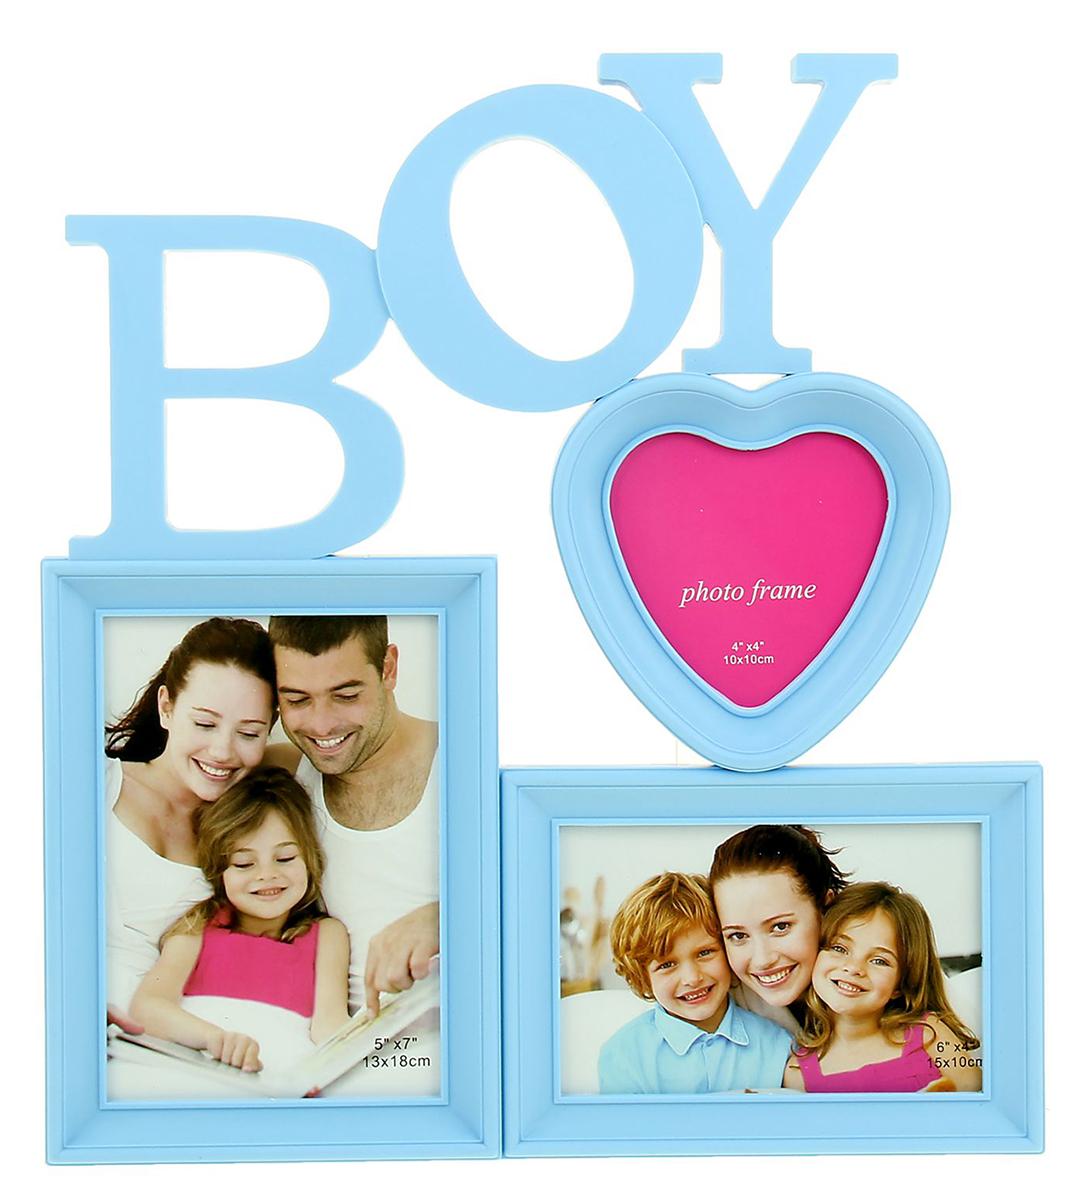 Фоторамка Мальчик, на 3 фото, 10 х 10, 10 х 15 см, цвет: голубой. 11097501109750Ломаете голову над тем, что подарить своей второй половине, коллеге или другу? Купите в подарокфоторамку-коллаж — это универсальный и оригинальный подарок, уместный для любого повода. Коллаж на стену необязательно кому-то дарить — вы можете порадовать покупкой и самого себя. Просто сделайте подборку из лучших и любимых фотографий и разместите их в фоторамках. Вы можете создать тематические серии из фото и периодически их менять. Фоторамка — отличная возможность не ограничиваться вставкой одного фото — разместить можно одновременно несколько снимков.